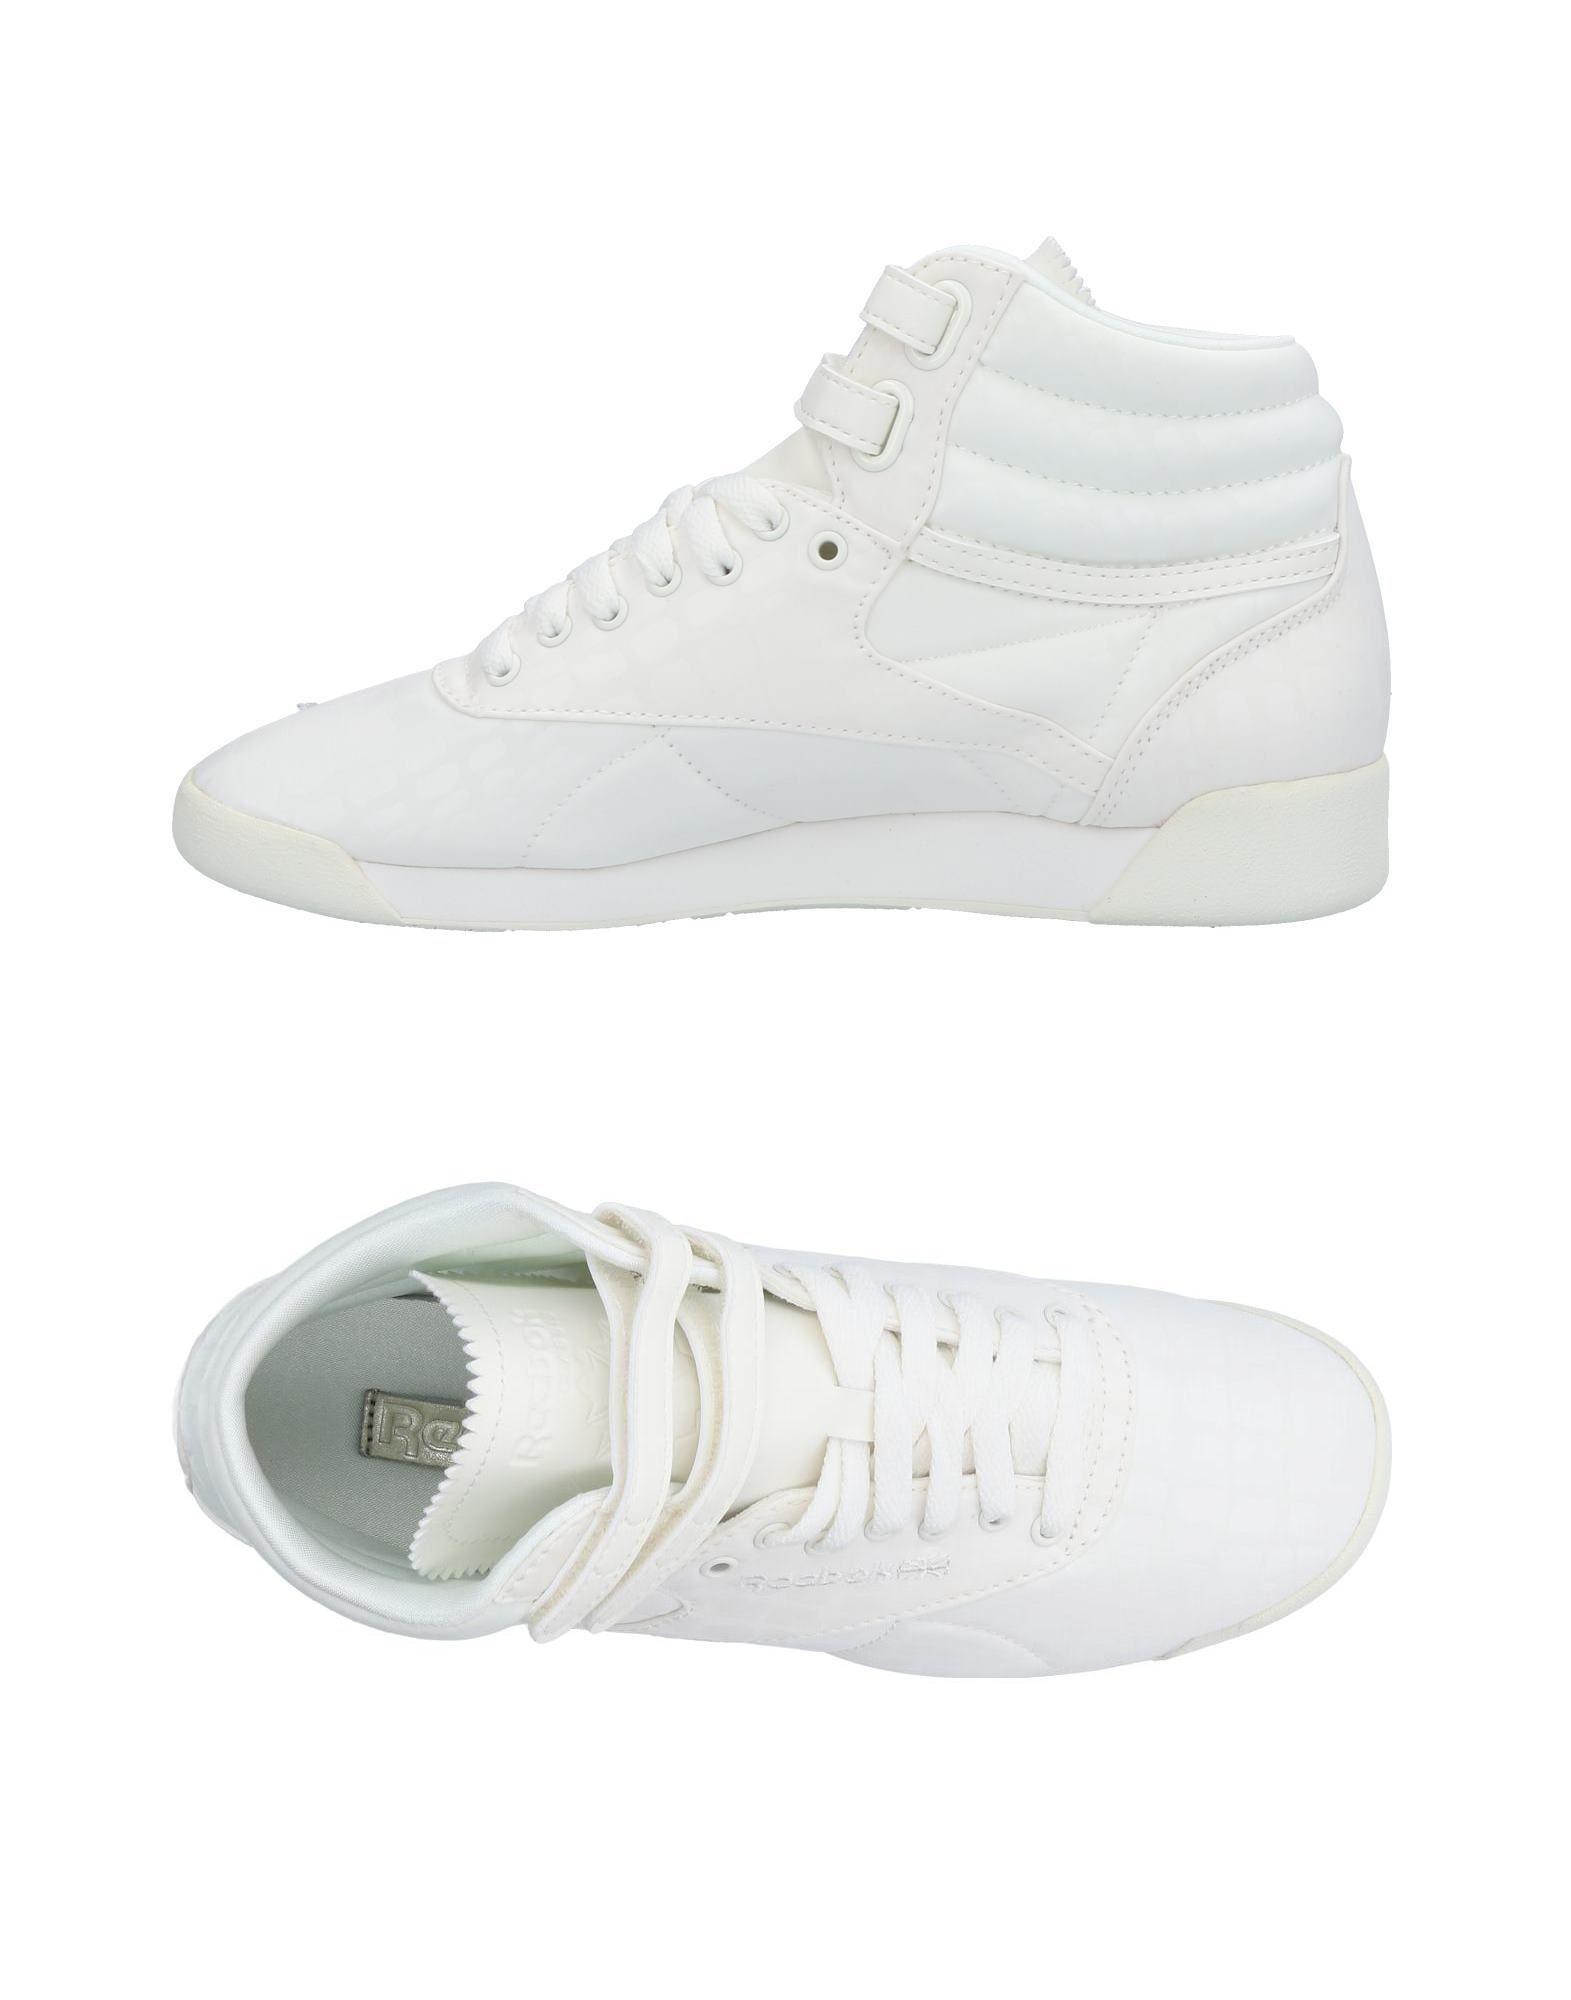 Reebok Sneakers Damen  11463496HB Gute Qualität beliebte Schuhe